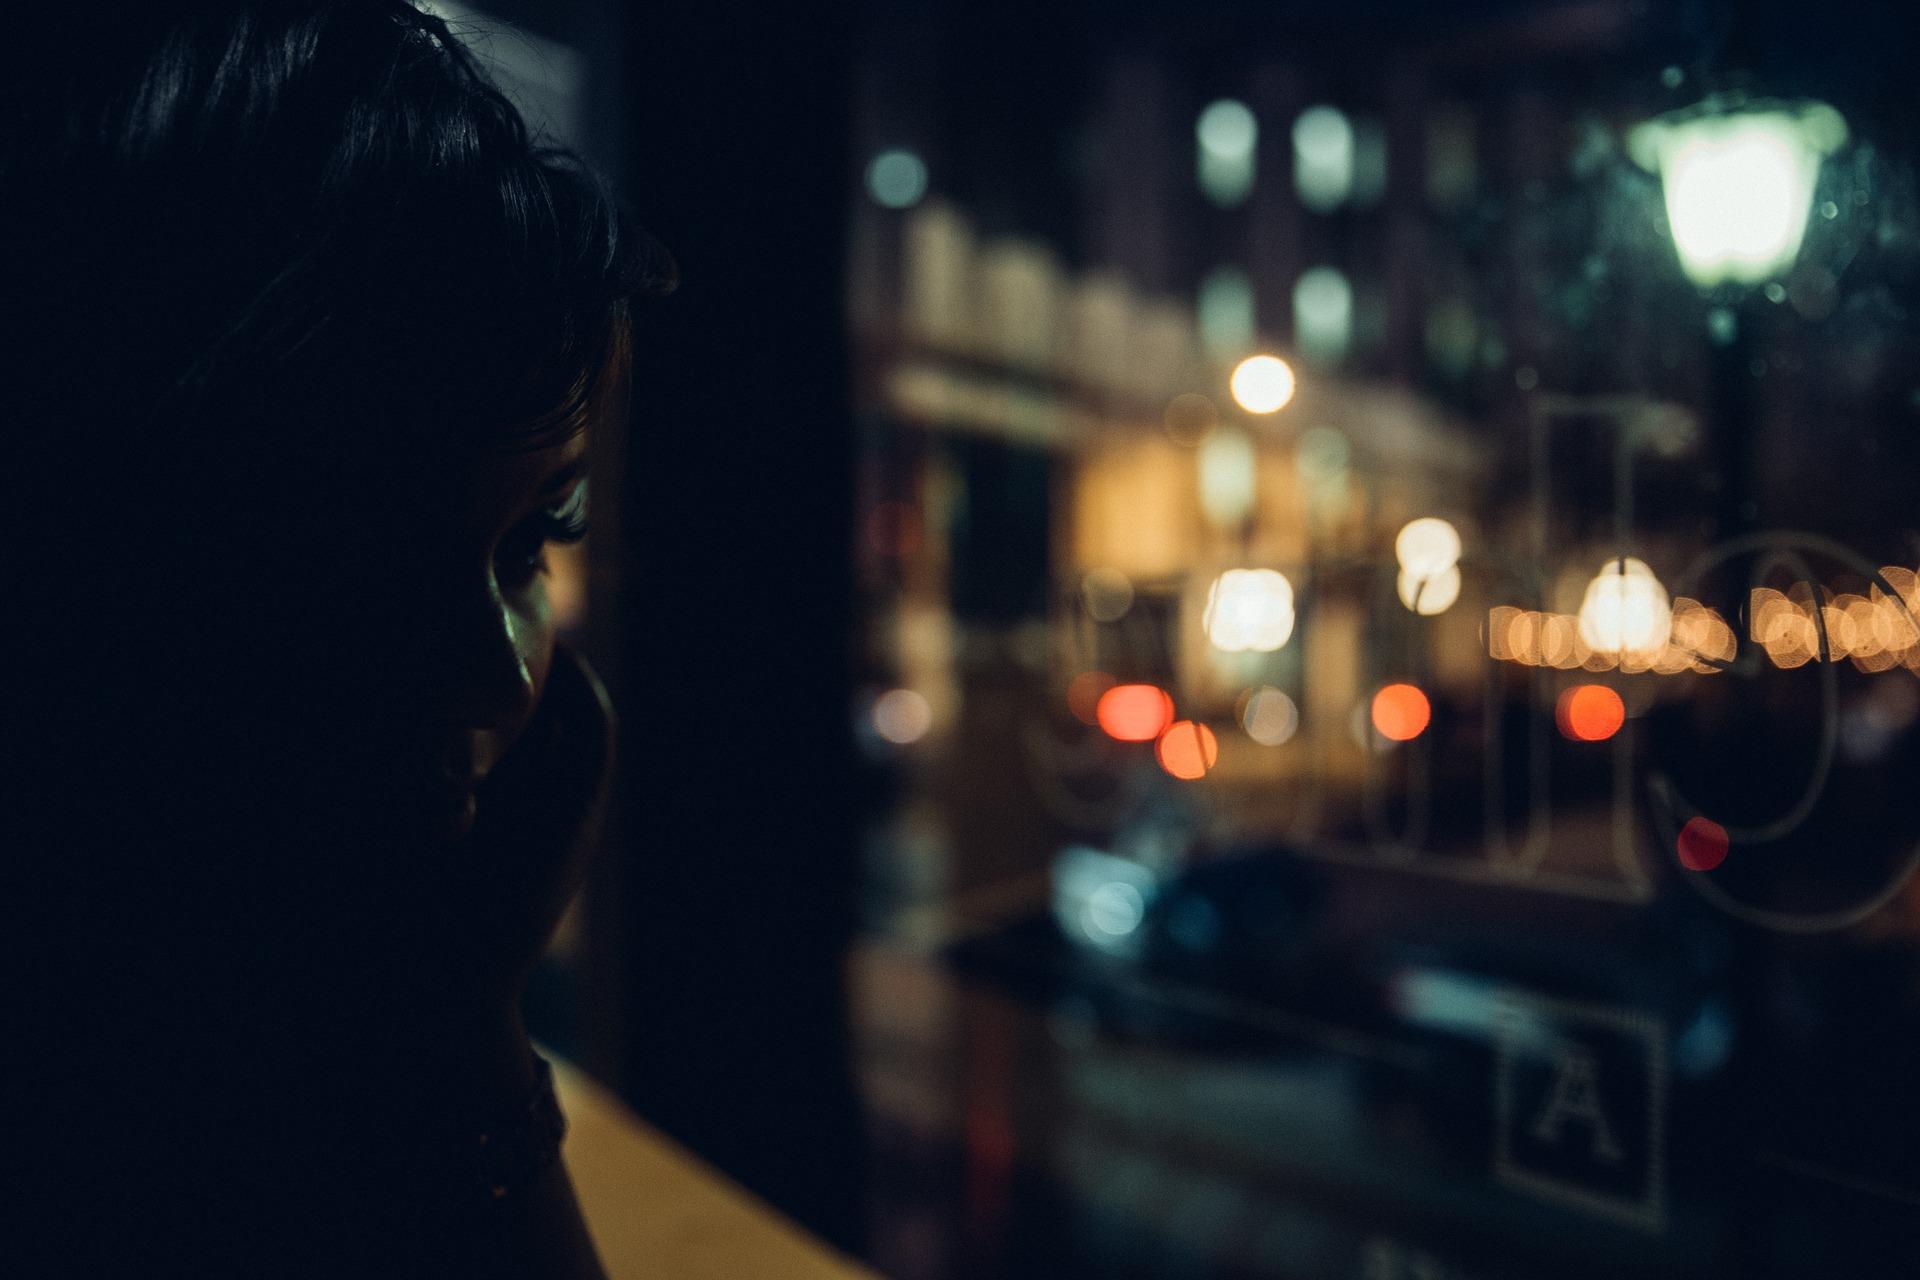 「恋の駆け引き」を見極めるポイント3. 夜中に急に呼び出されたら恋愛ではなく体目当て